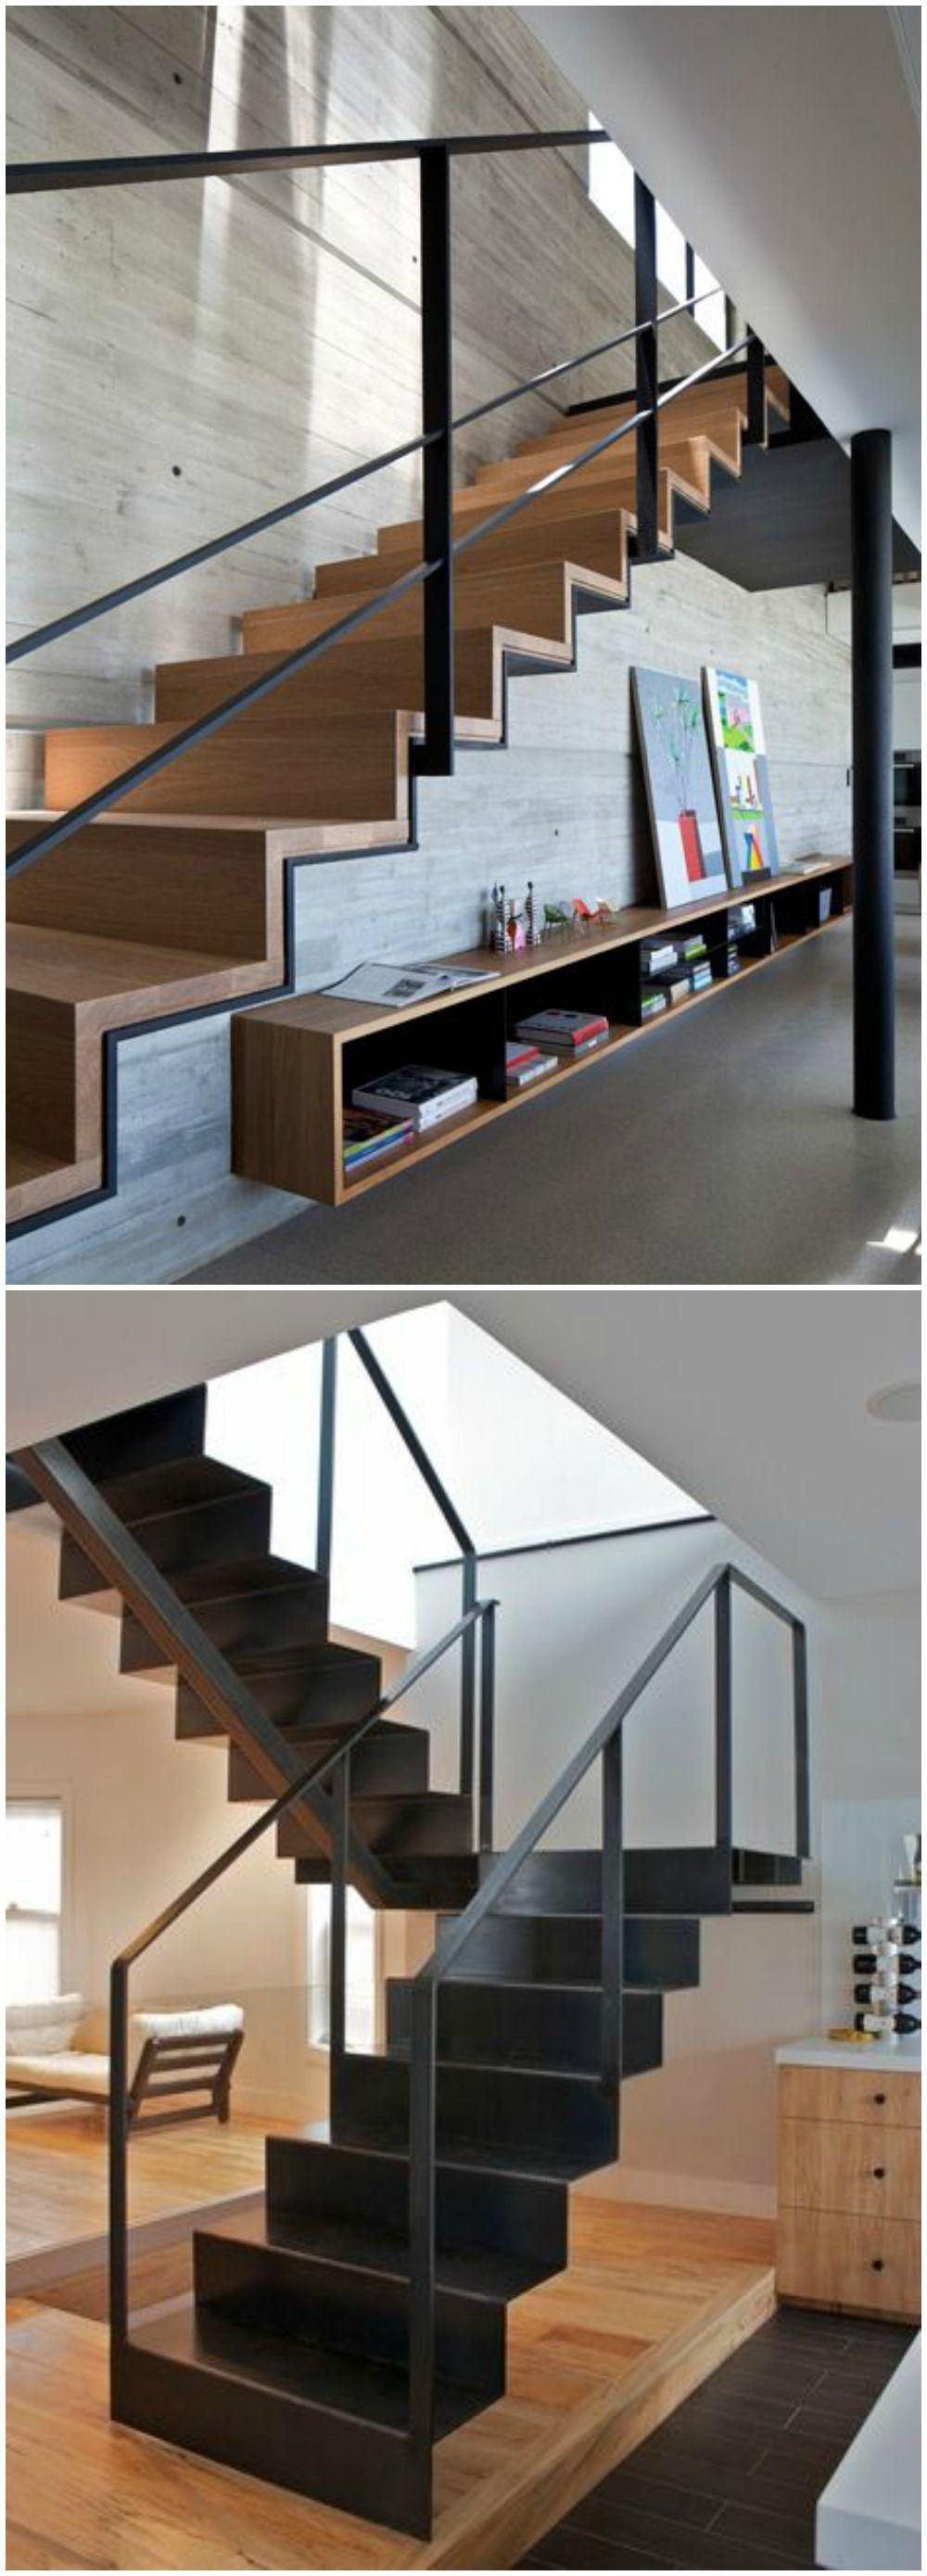 Arquitectura Casas Escaleras Exteriores Arquitectura: Diseño De Escalera. Visto En Www.momocca.com